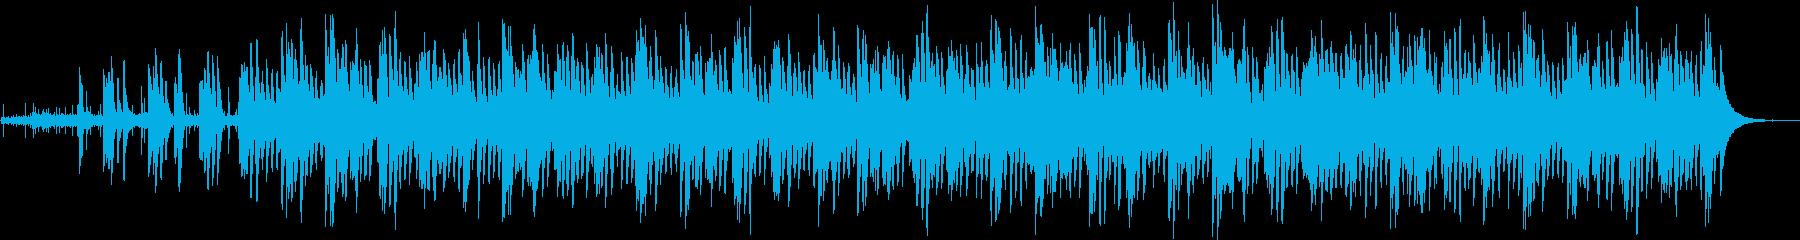 雨音とエレクトロニカ癒し系ヒーリングの再生済みの波形